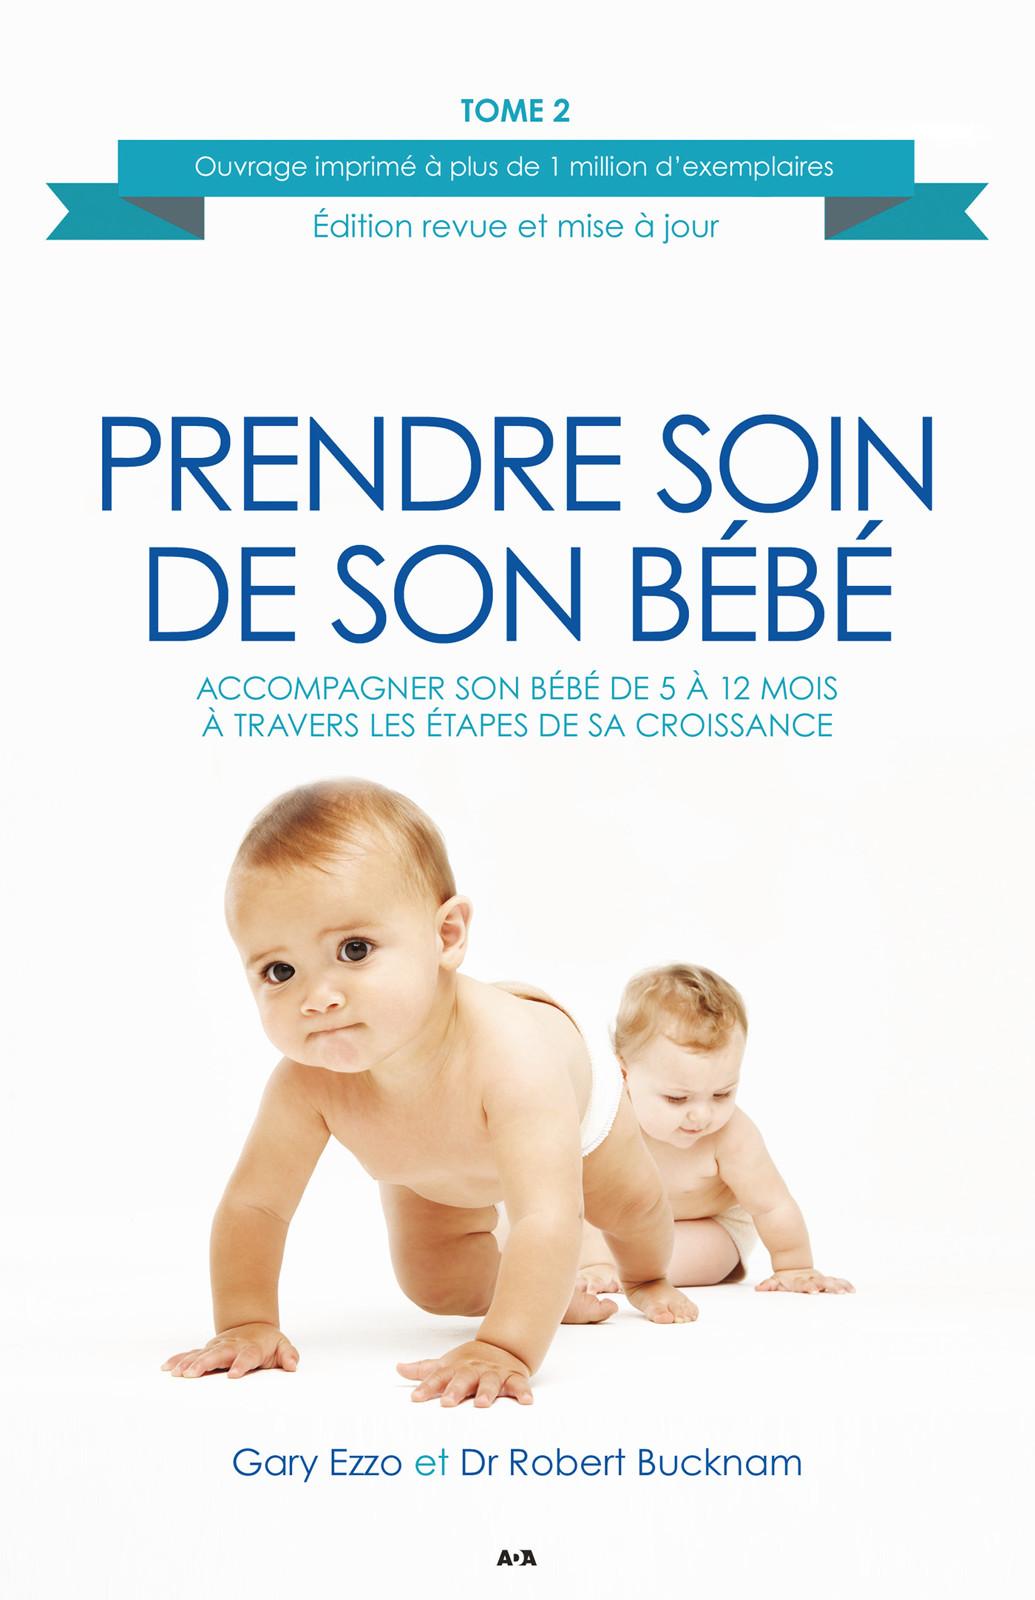 Prendre soin de son bébé, Accompagner son bébé de 5 à 12 mois à travers les étapes de sa croissance